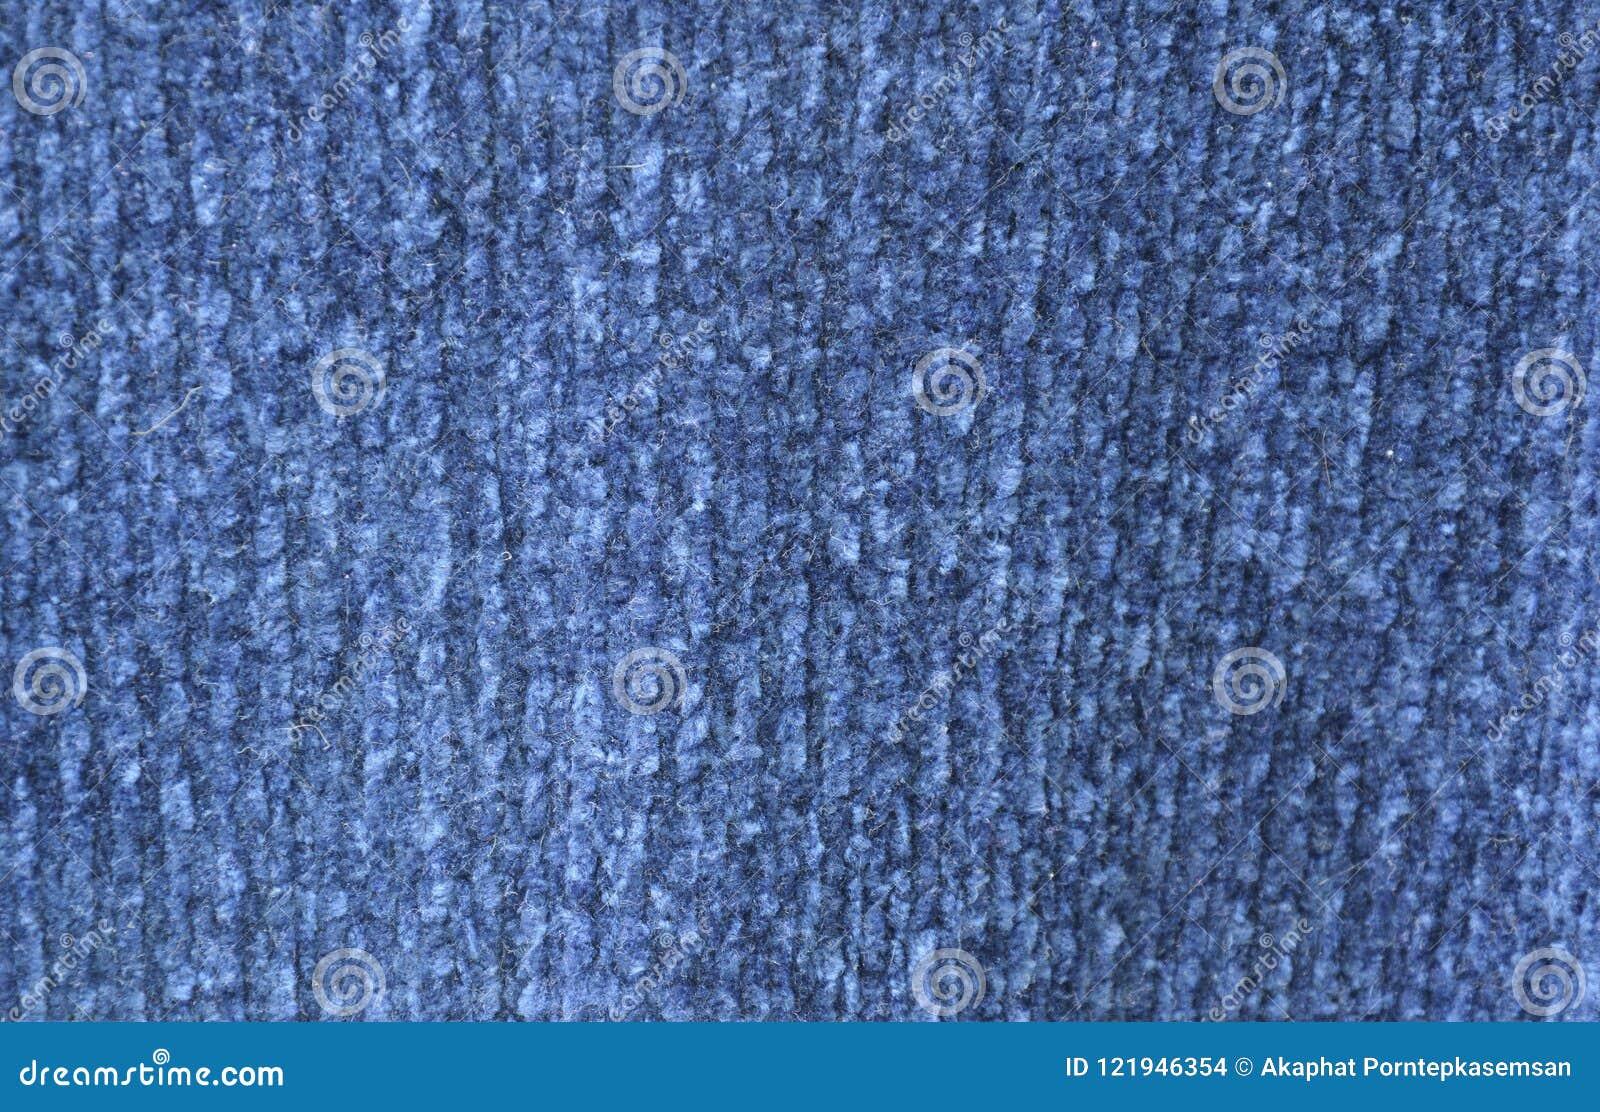 蓝色毛线衣织品纹理和背景